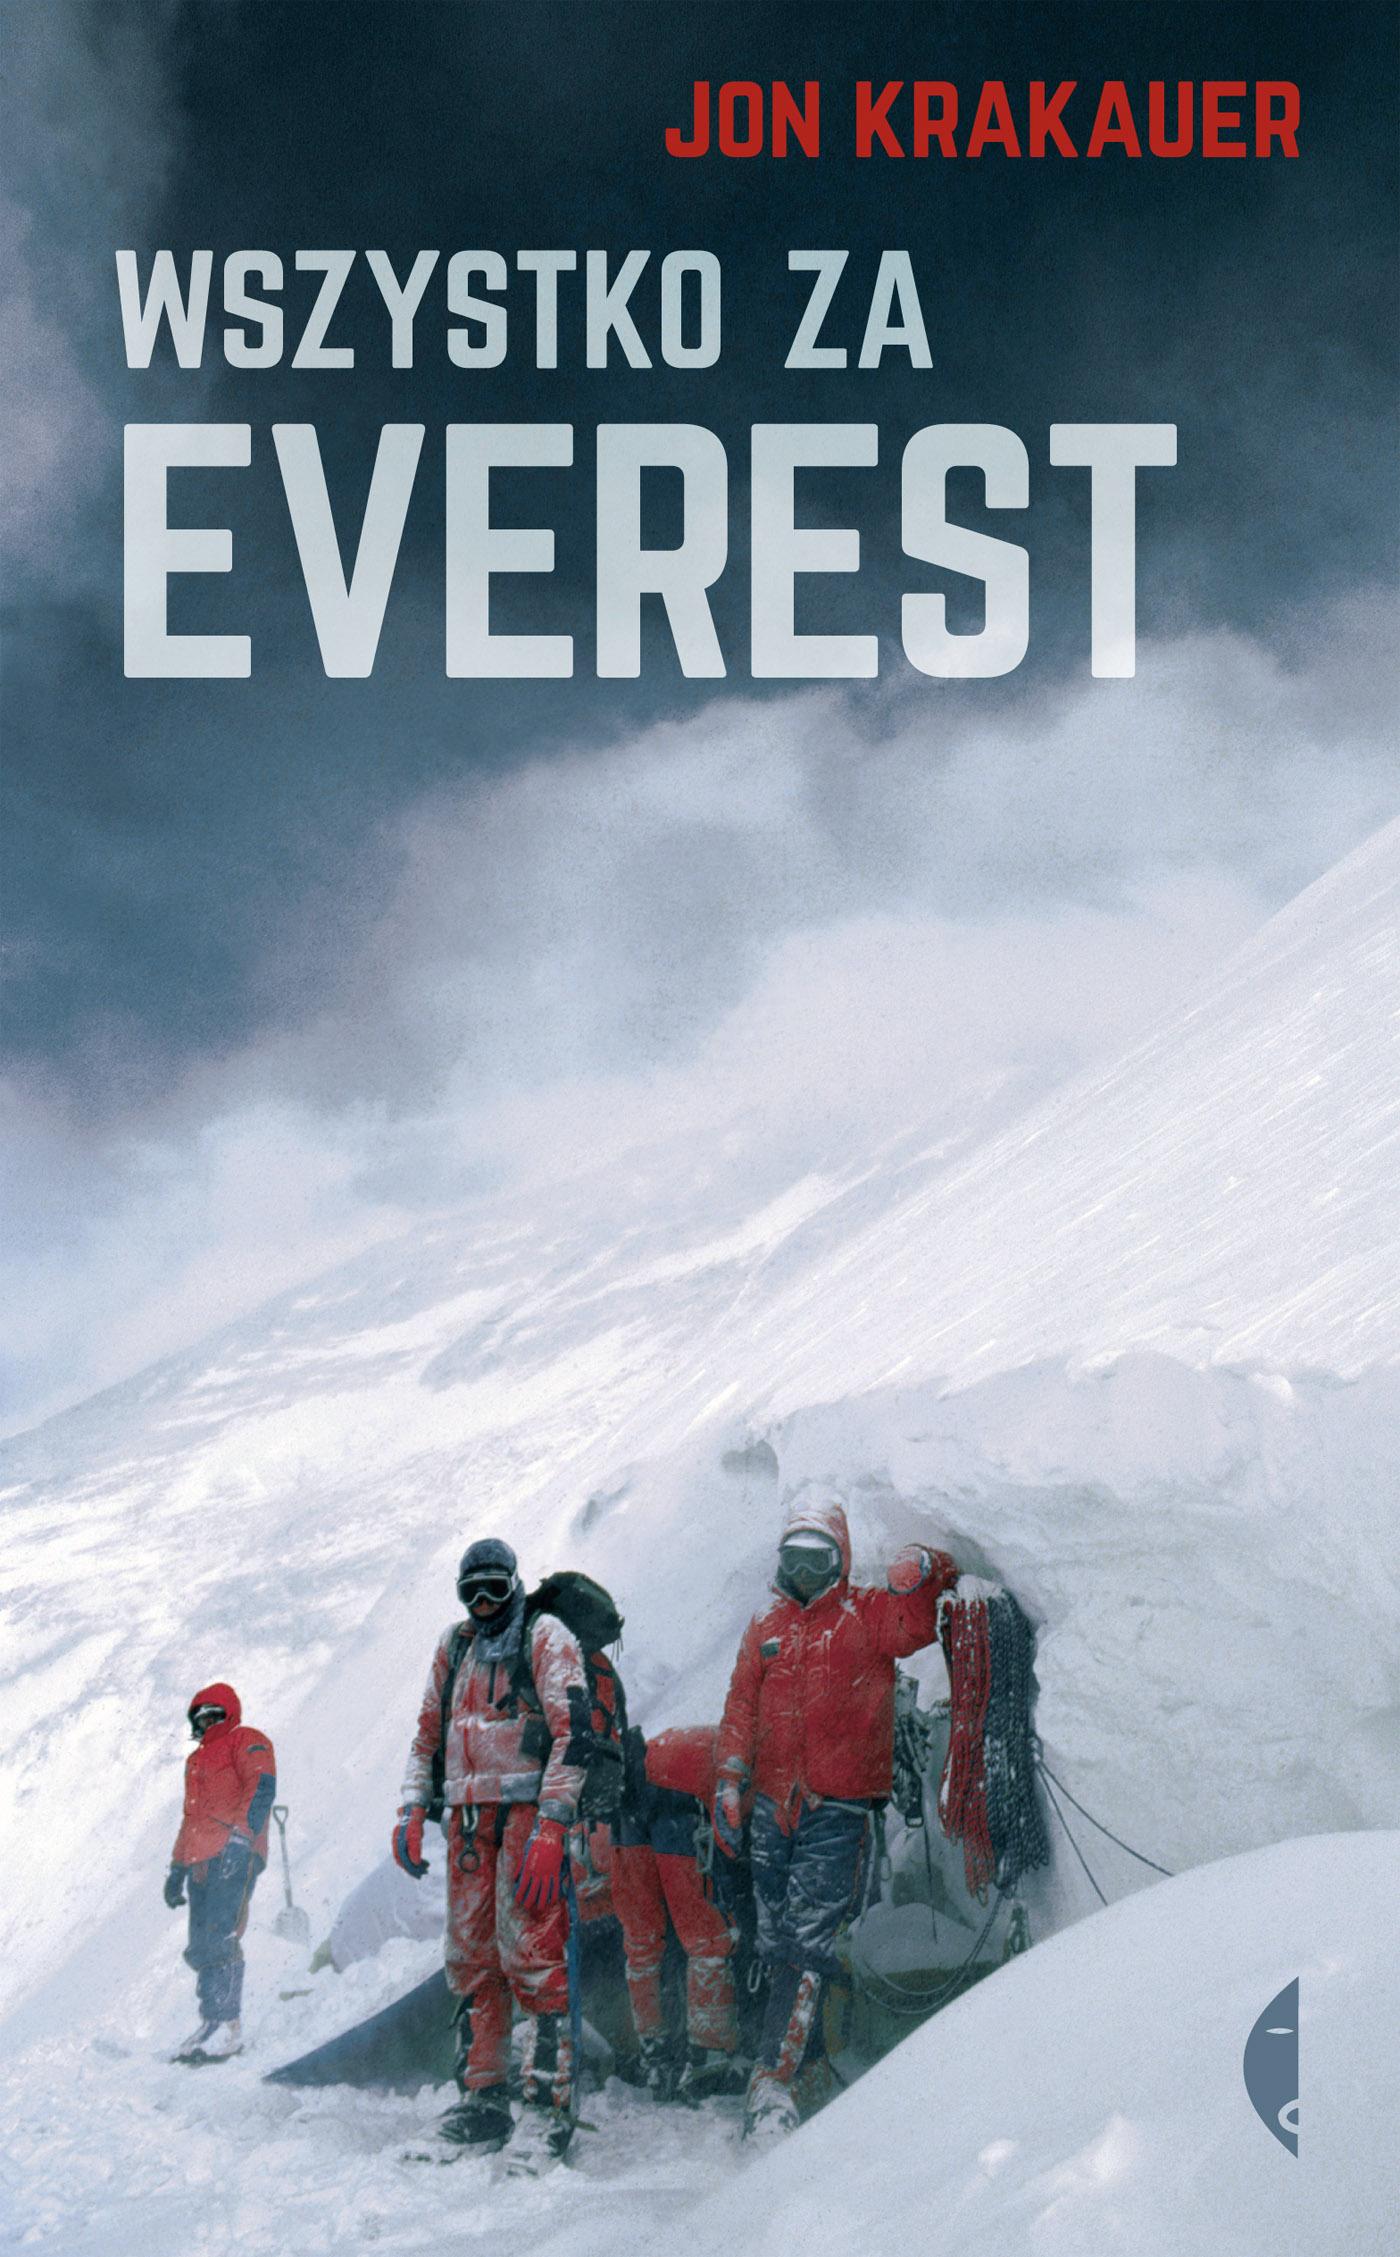 Wszystko za Everest, Jon Krakauer, Wyd. Czarne